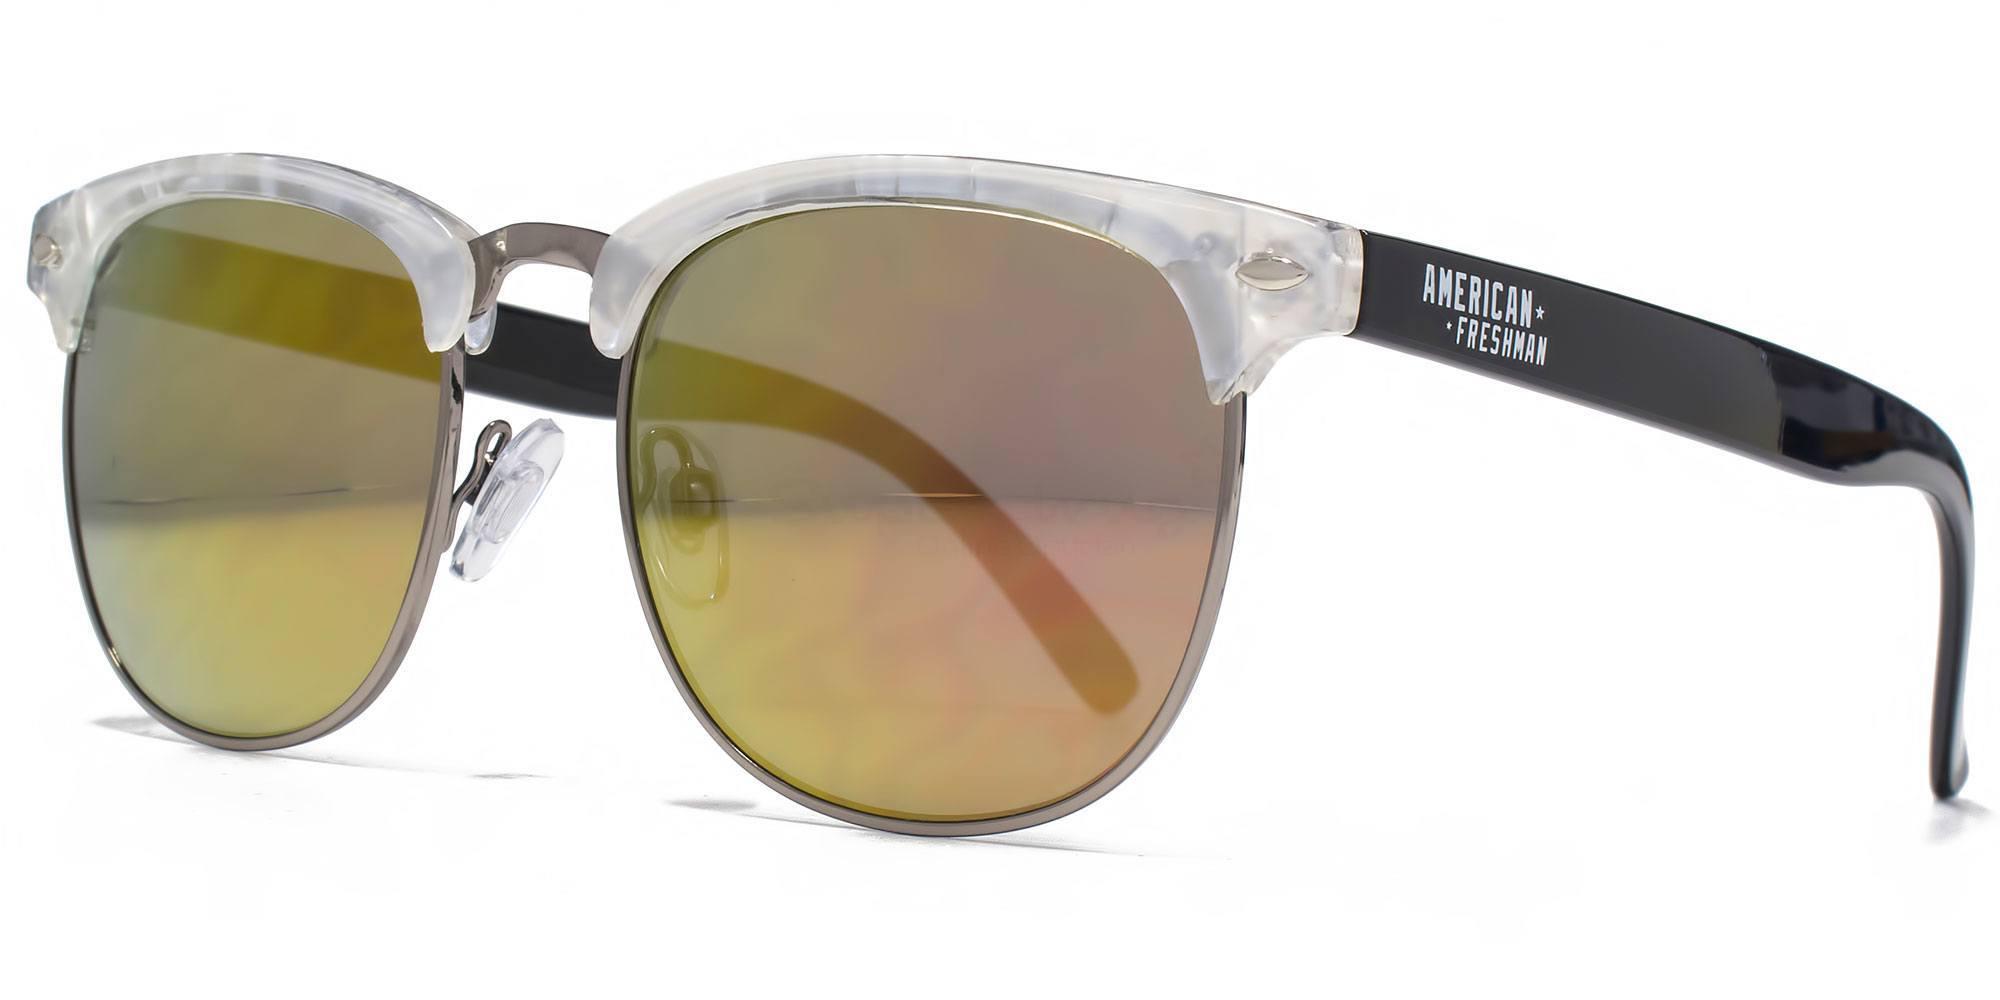 AFS026 ASHLEY Sunglasses, American Freshman